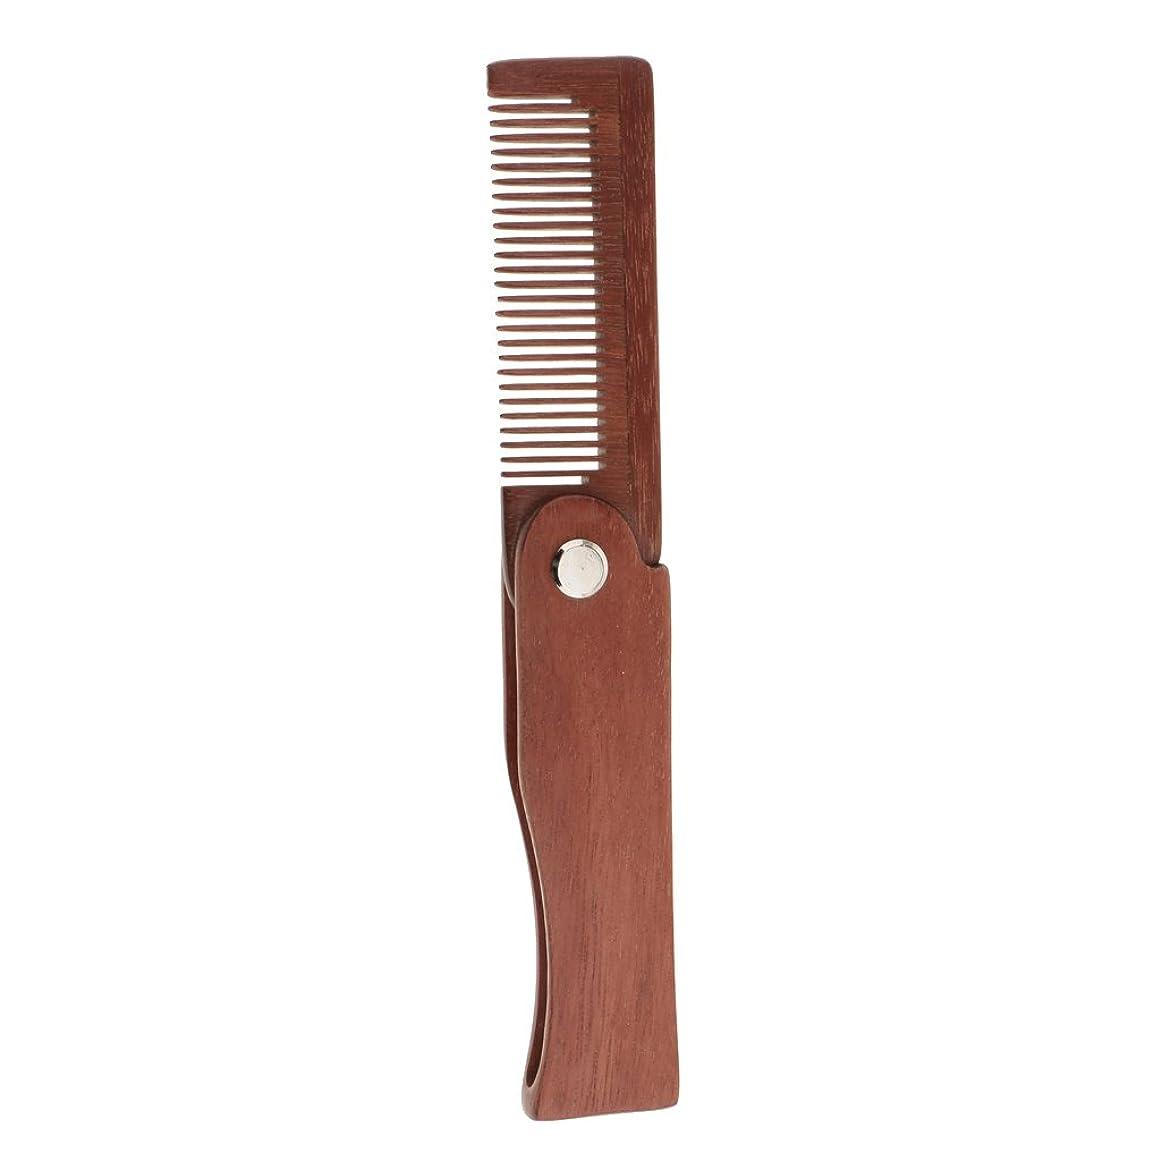 小道具思い出すメロディアスDYNWAVE メンズ 折りたたみ ひげひげ剃り櫛 男性 ひげひげブラシ